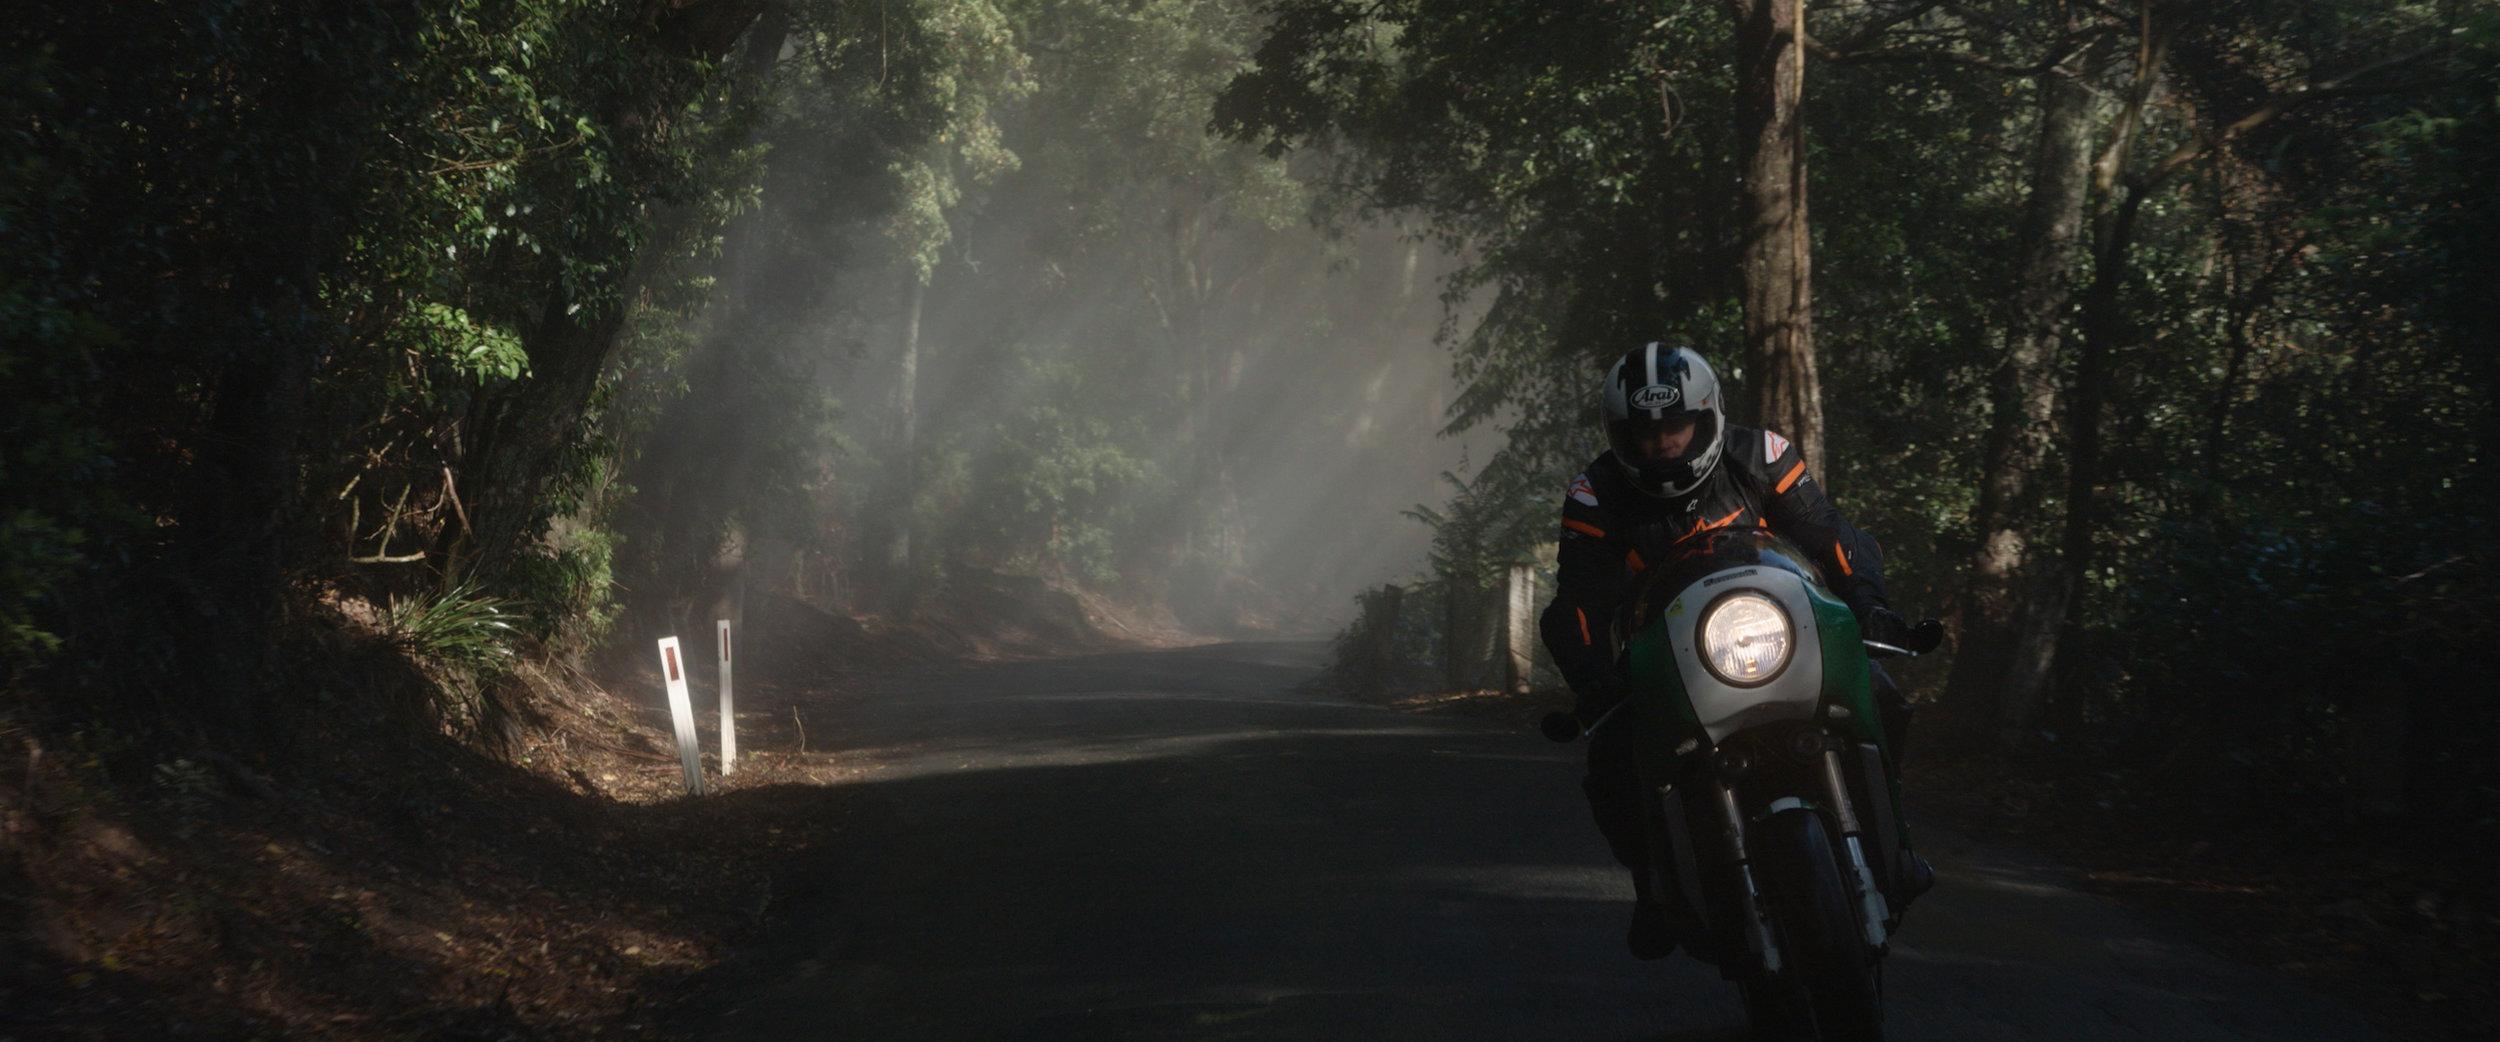 Riding.05_19_25_15.Still002.jpg